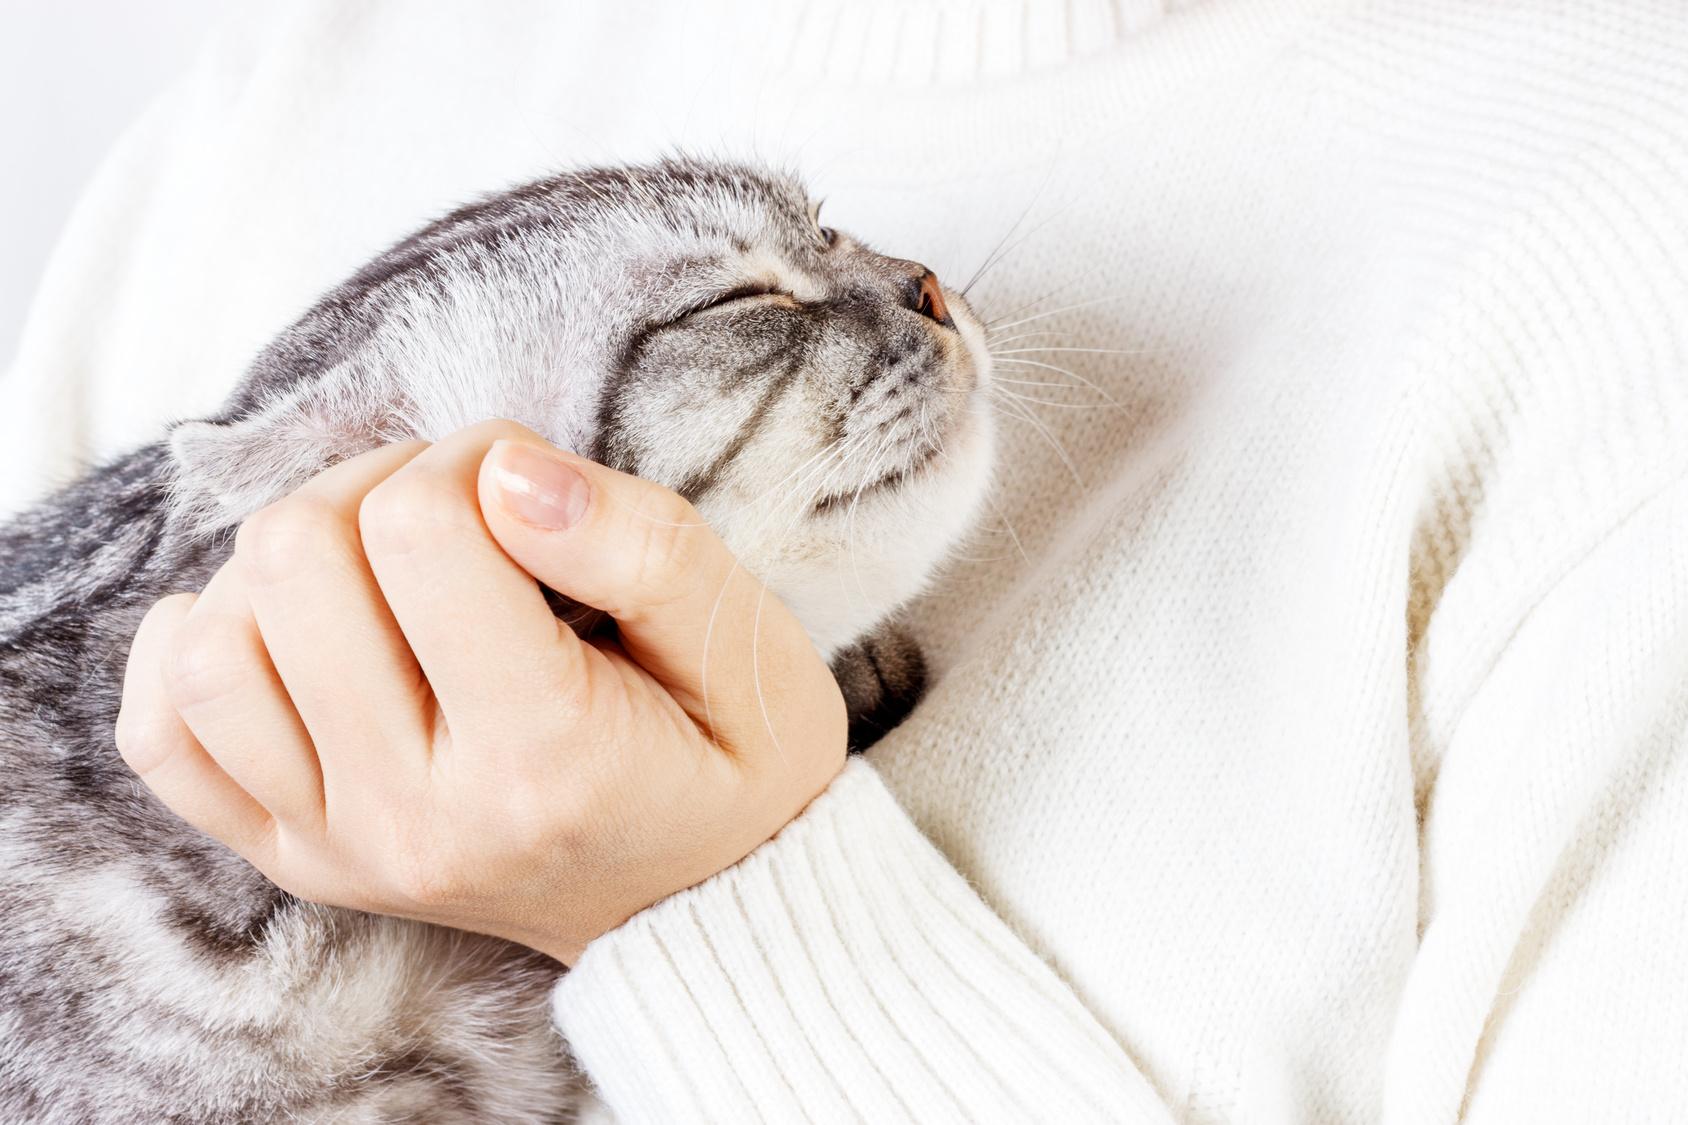 一人暮らしで猫を飼うときに心がけておきたいポイントとは?